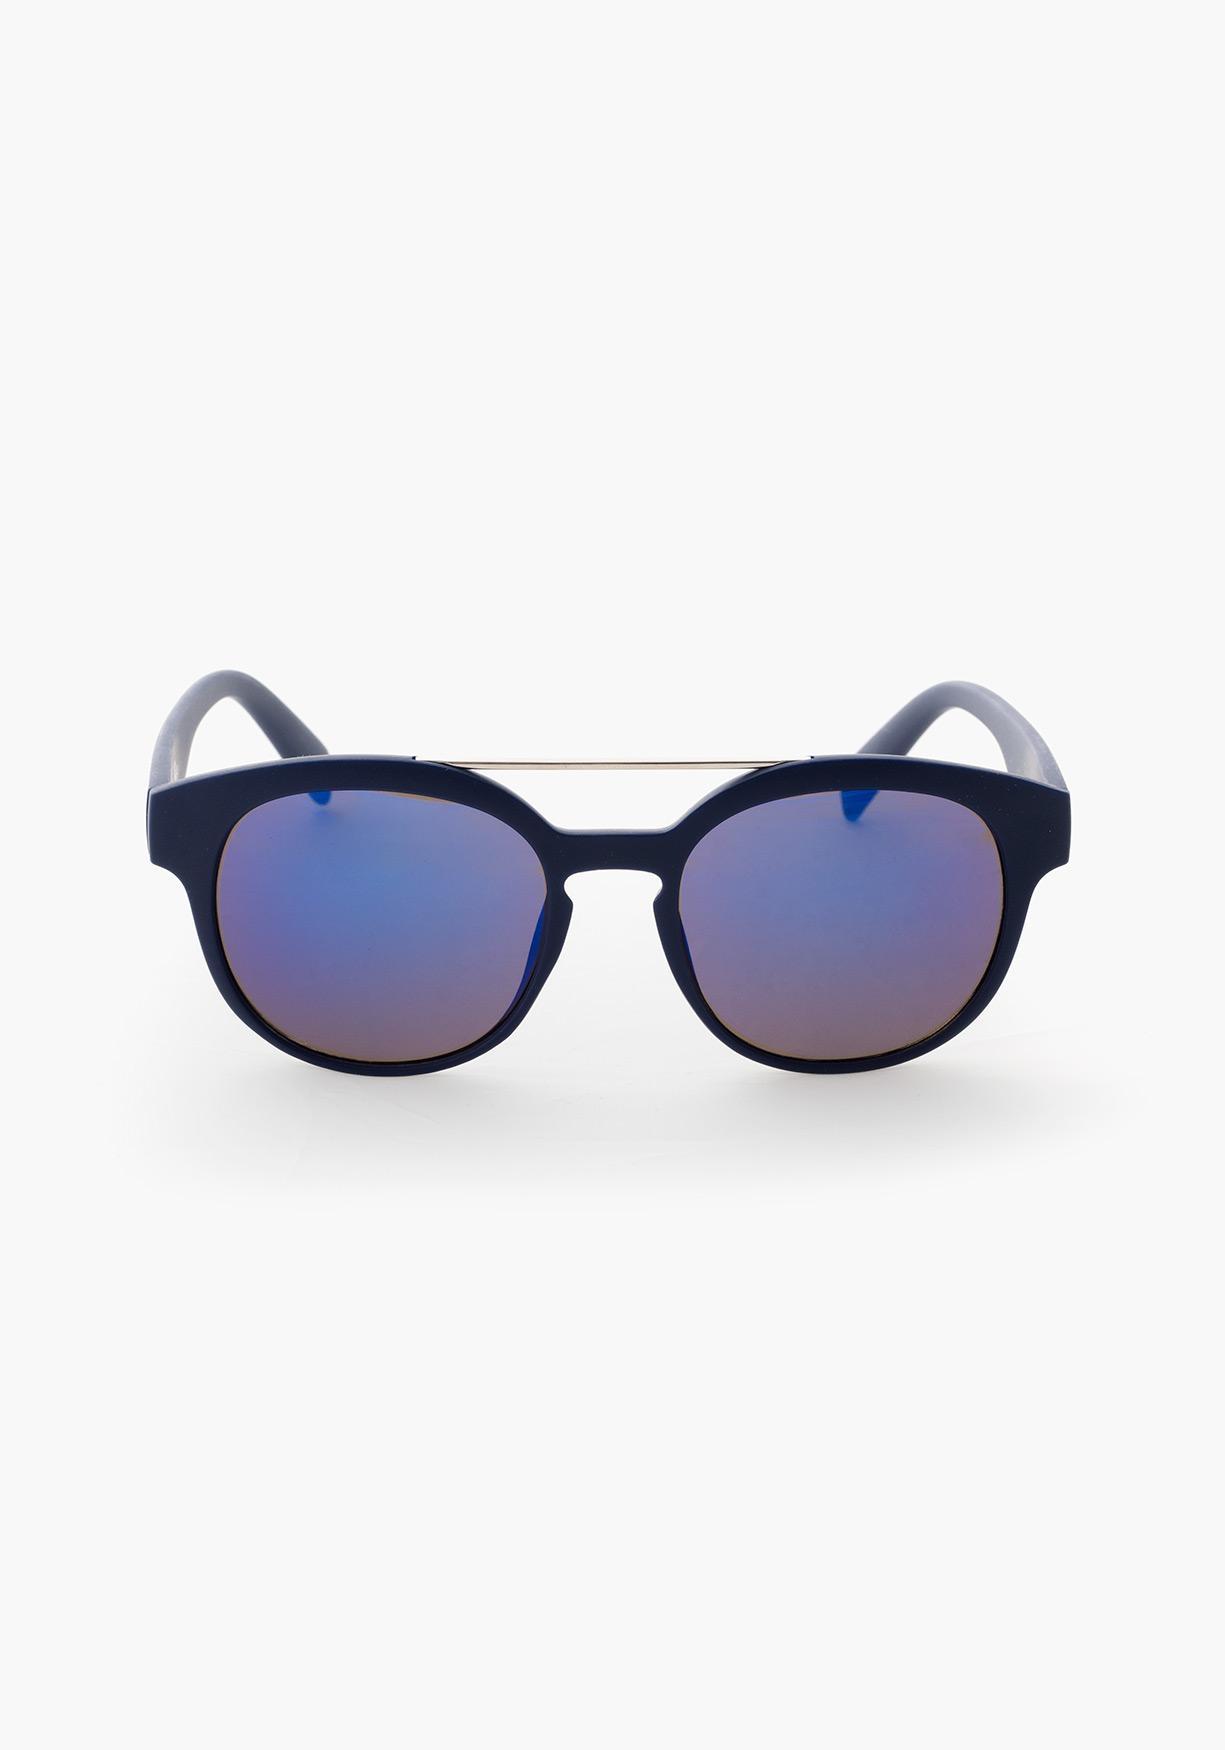 Comprar Azules¡aprovéchate Nuestros Sol Precios De Gafas Espejo 8Pw0Onk